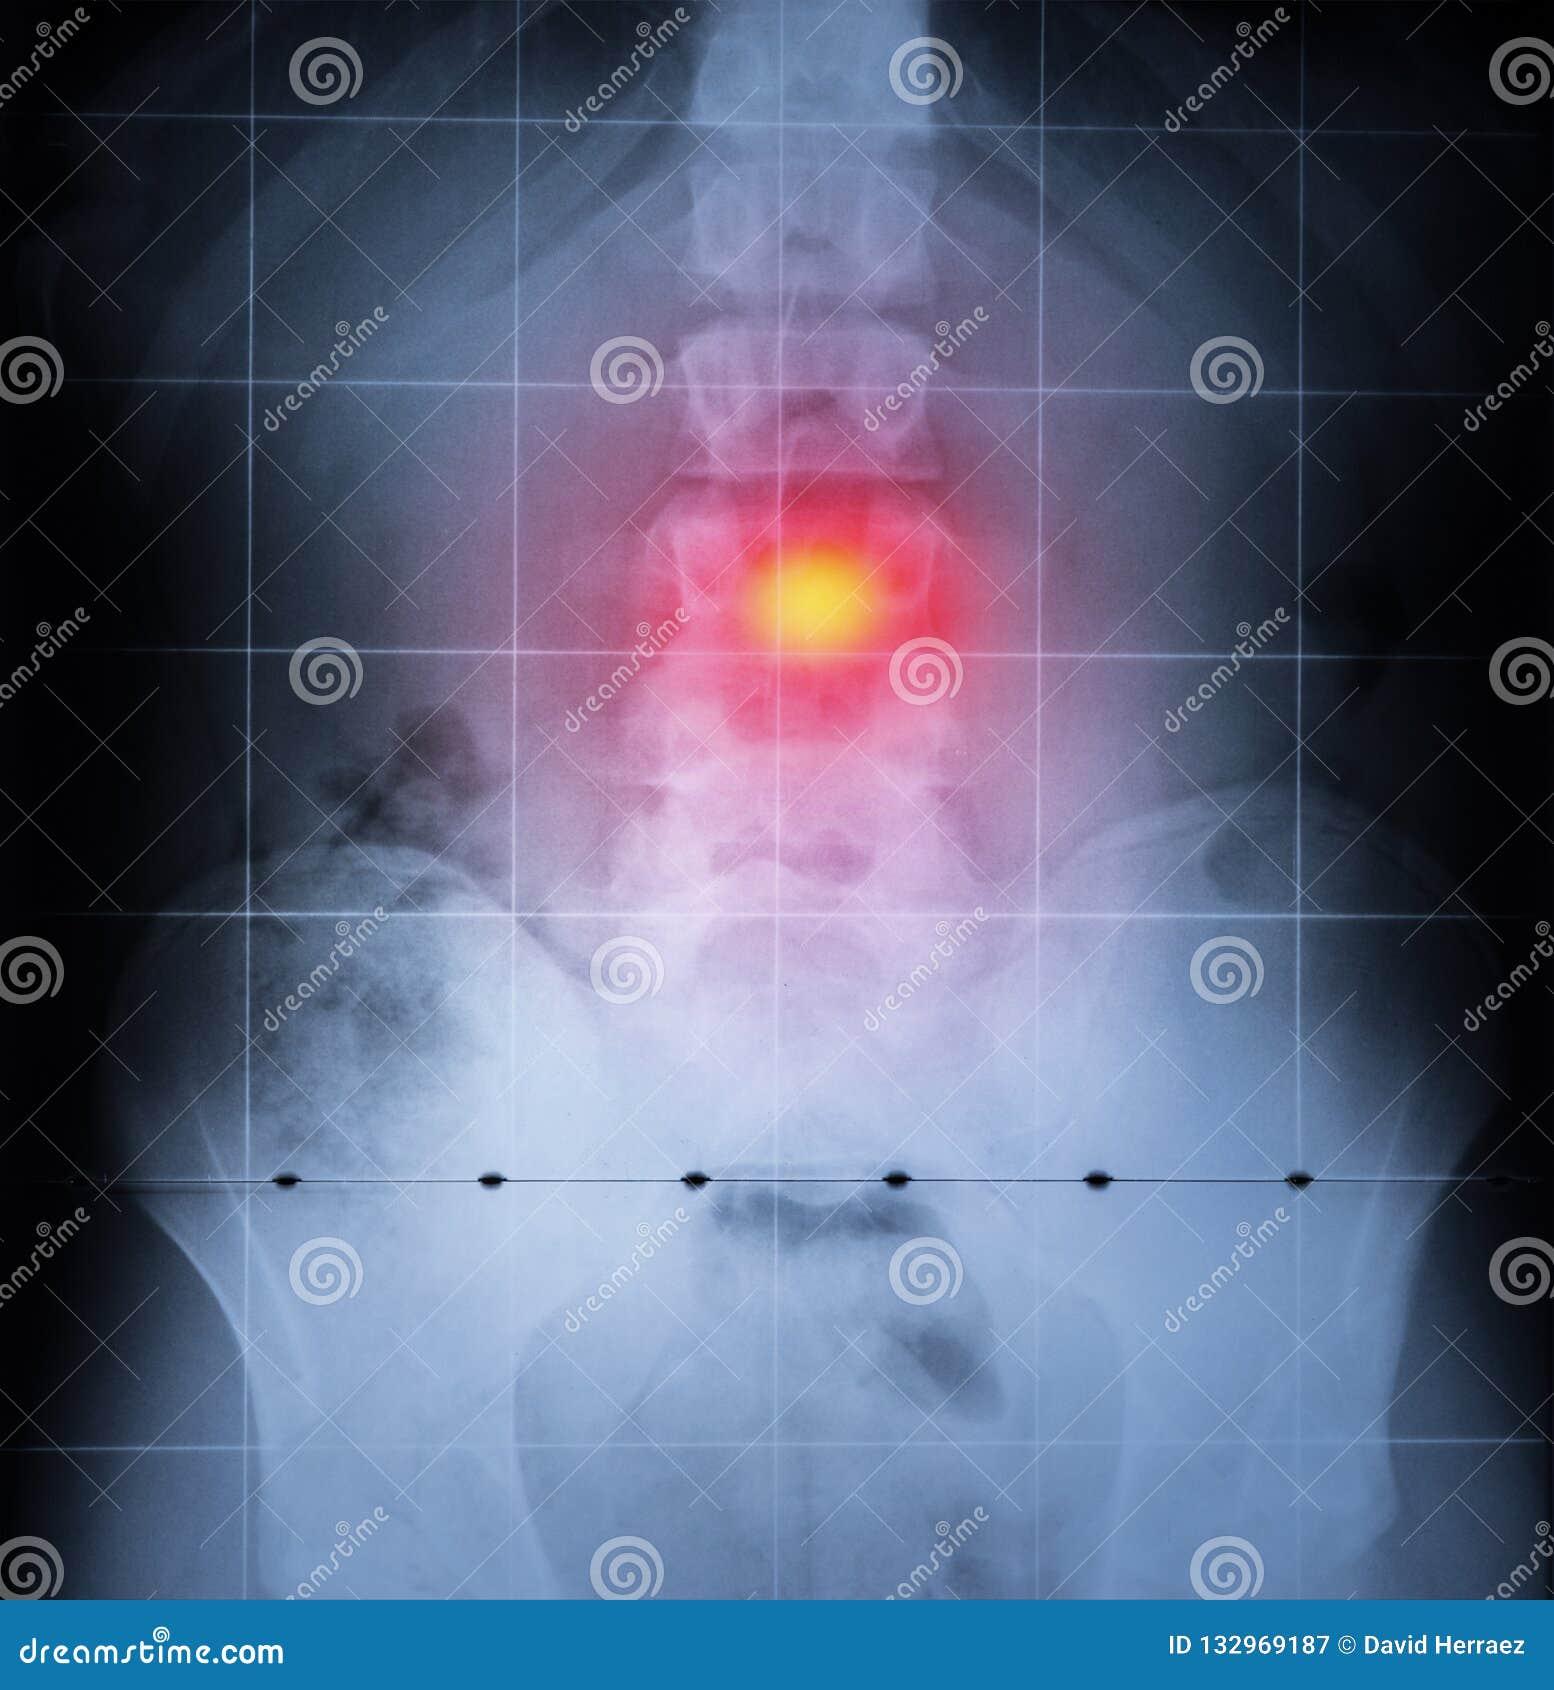 Ακτίνα X, σπονδυλική στήλη και λεκάνη του ανθρώπινου σώματος Πόνος στην πλάτη που τονίζεται στο κόκκινο